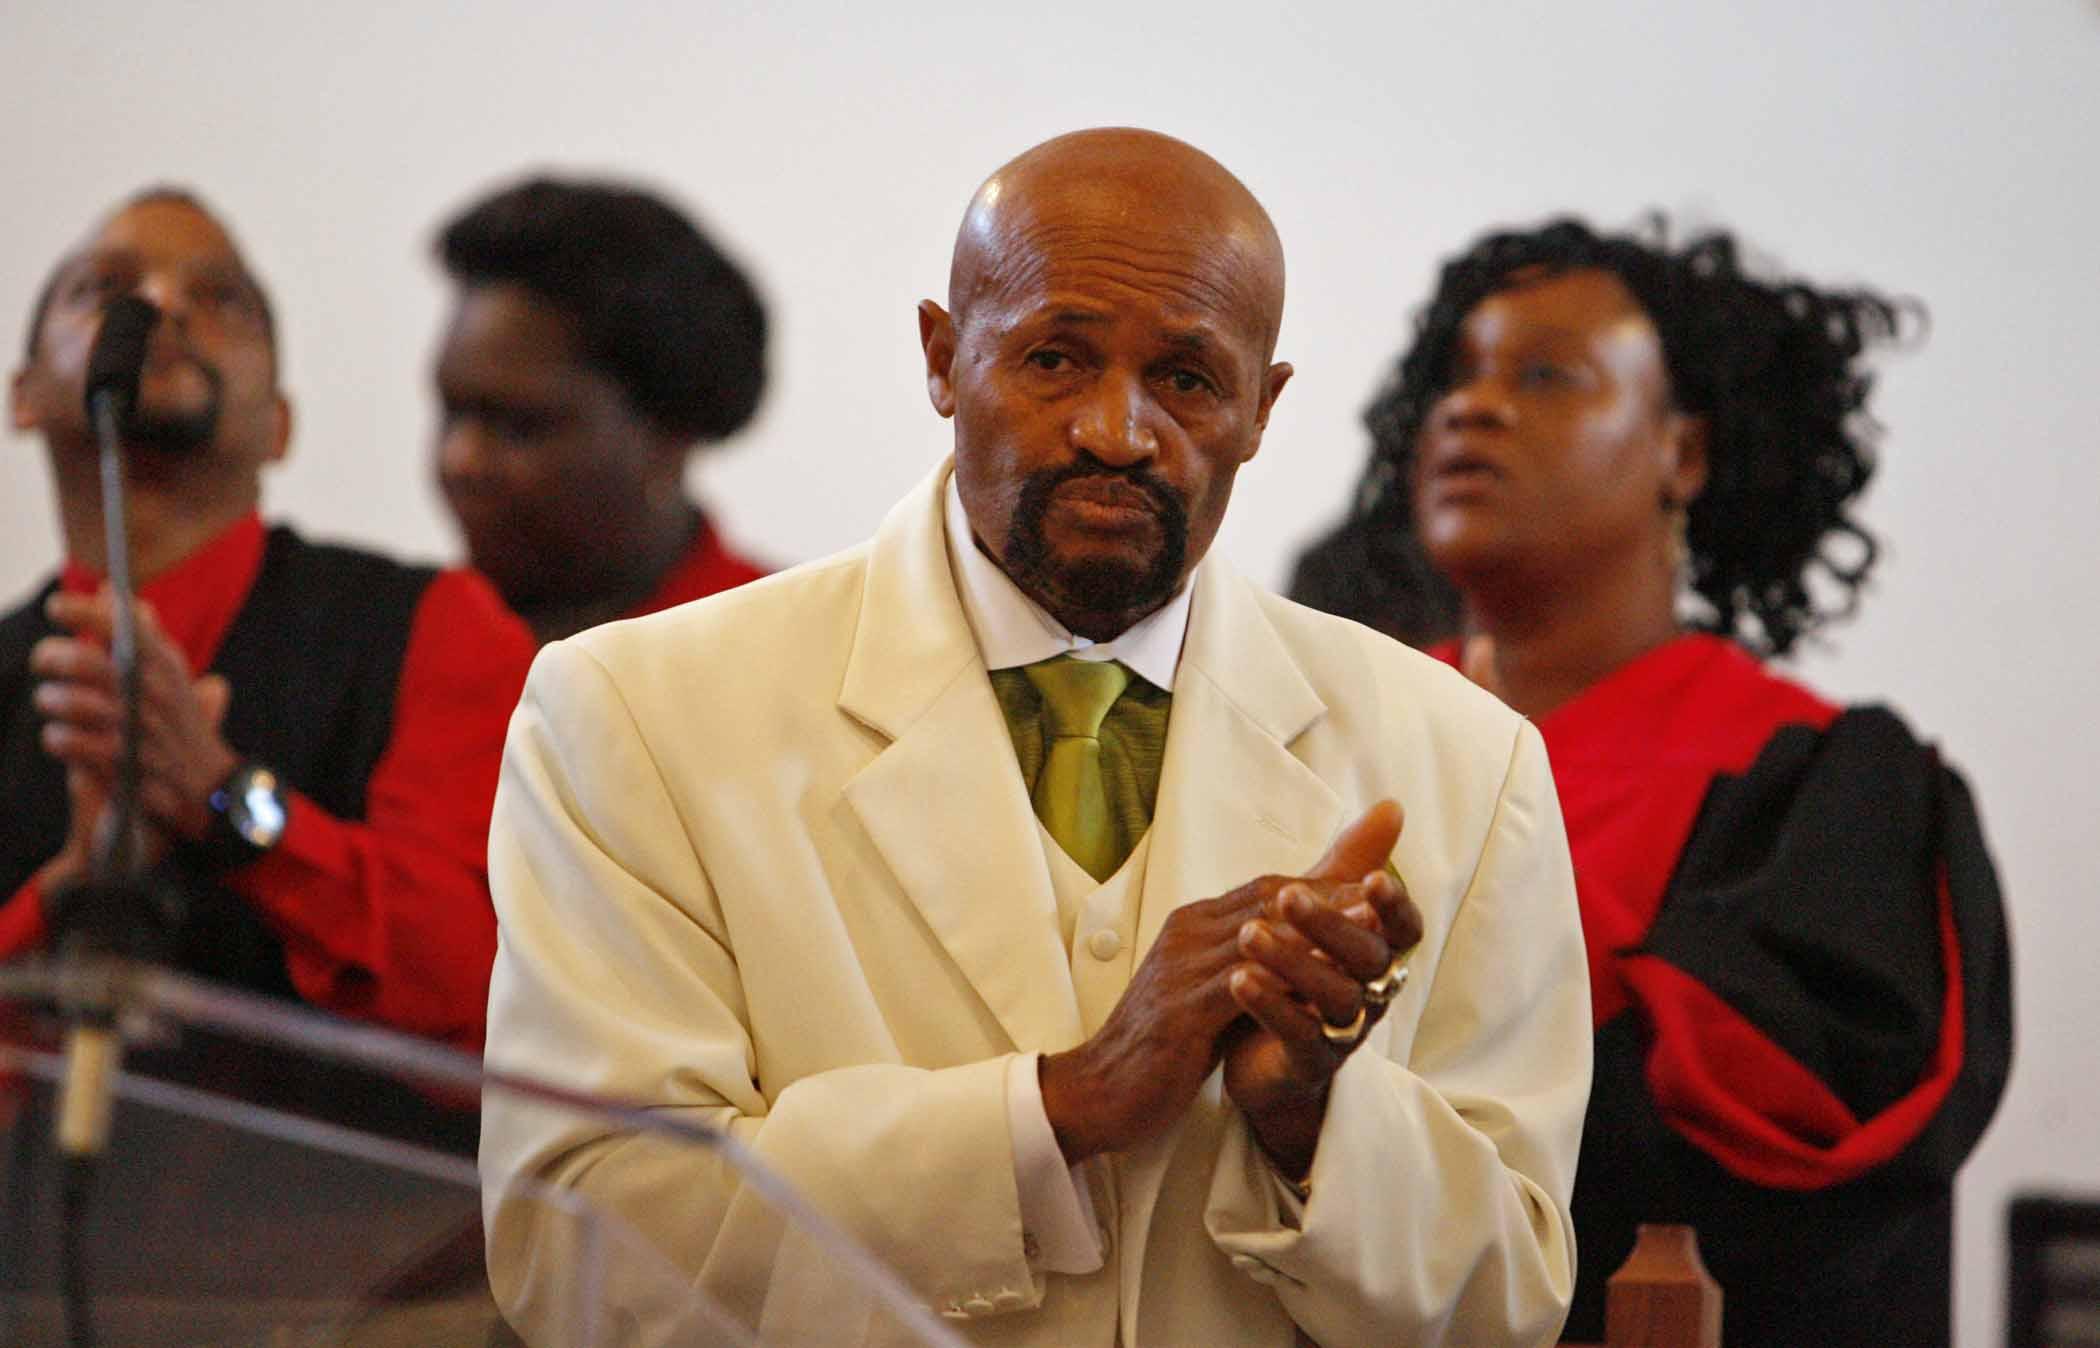 Pastor Howard